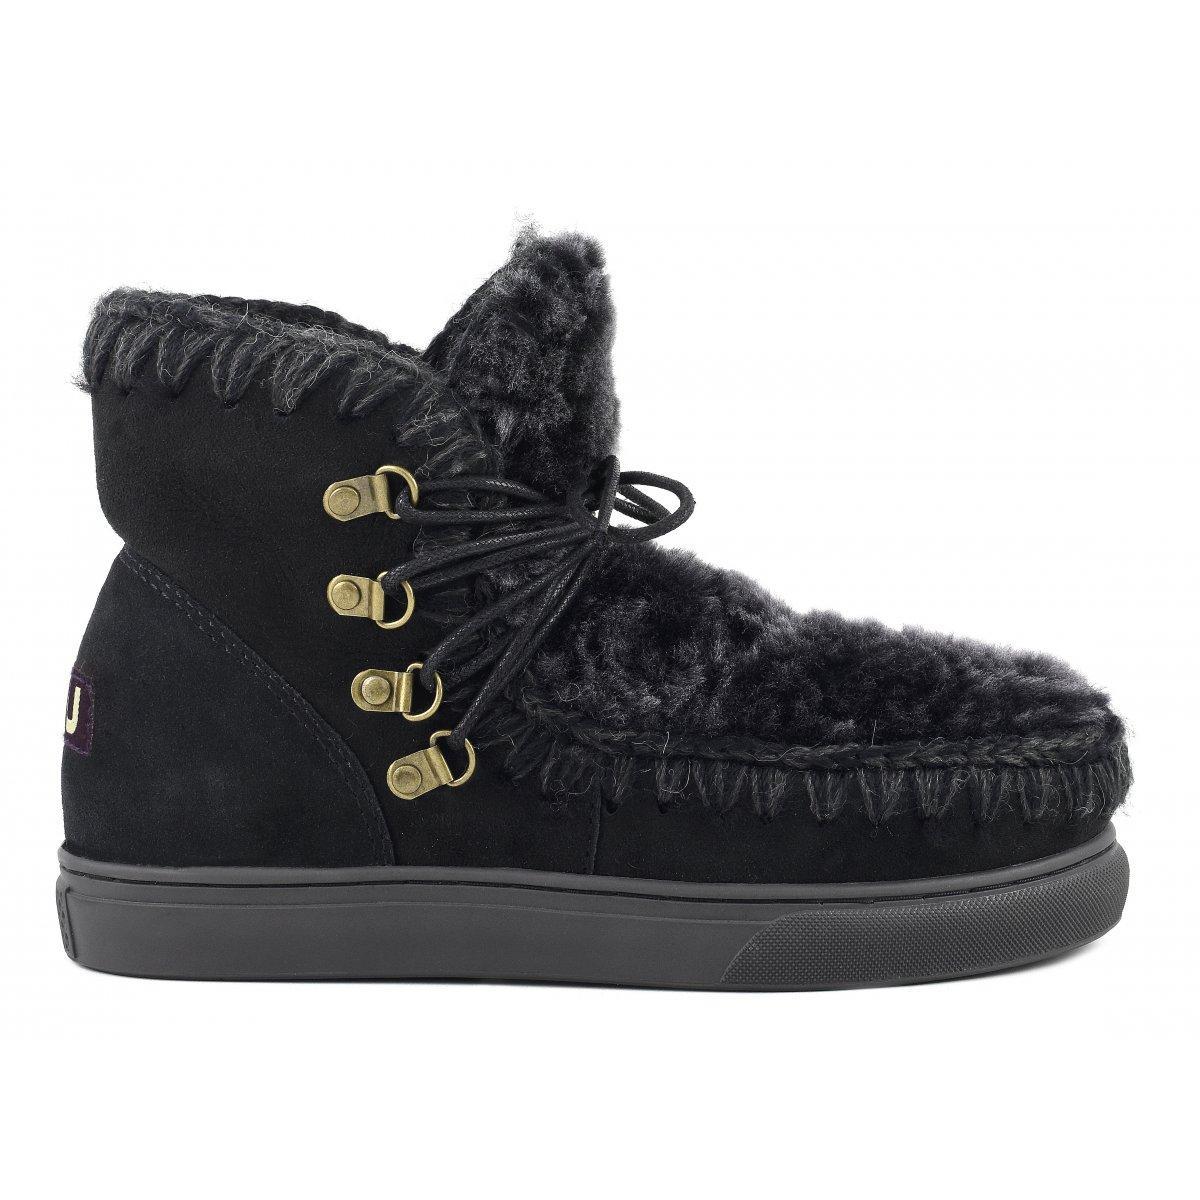 Mou Sneaker Laces & Front Fur In Bkflow